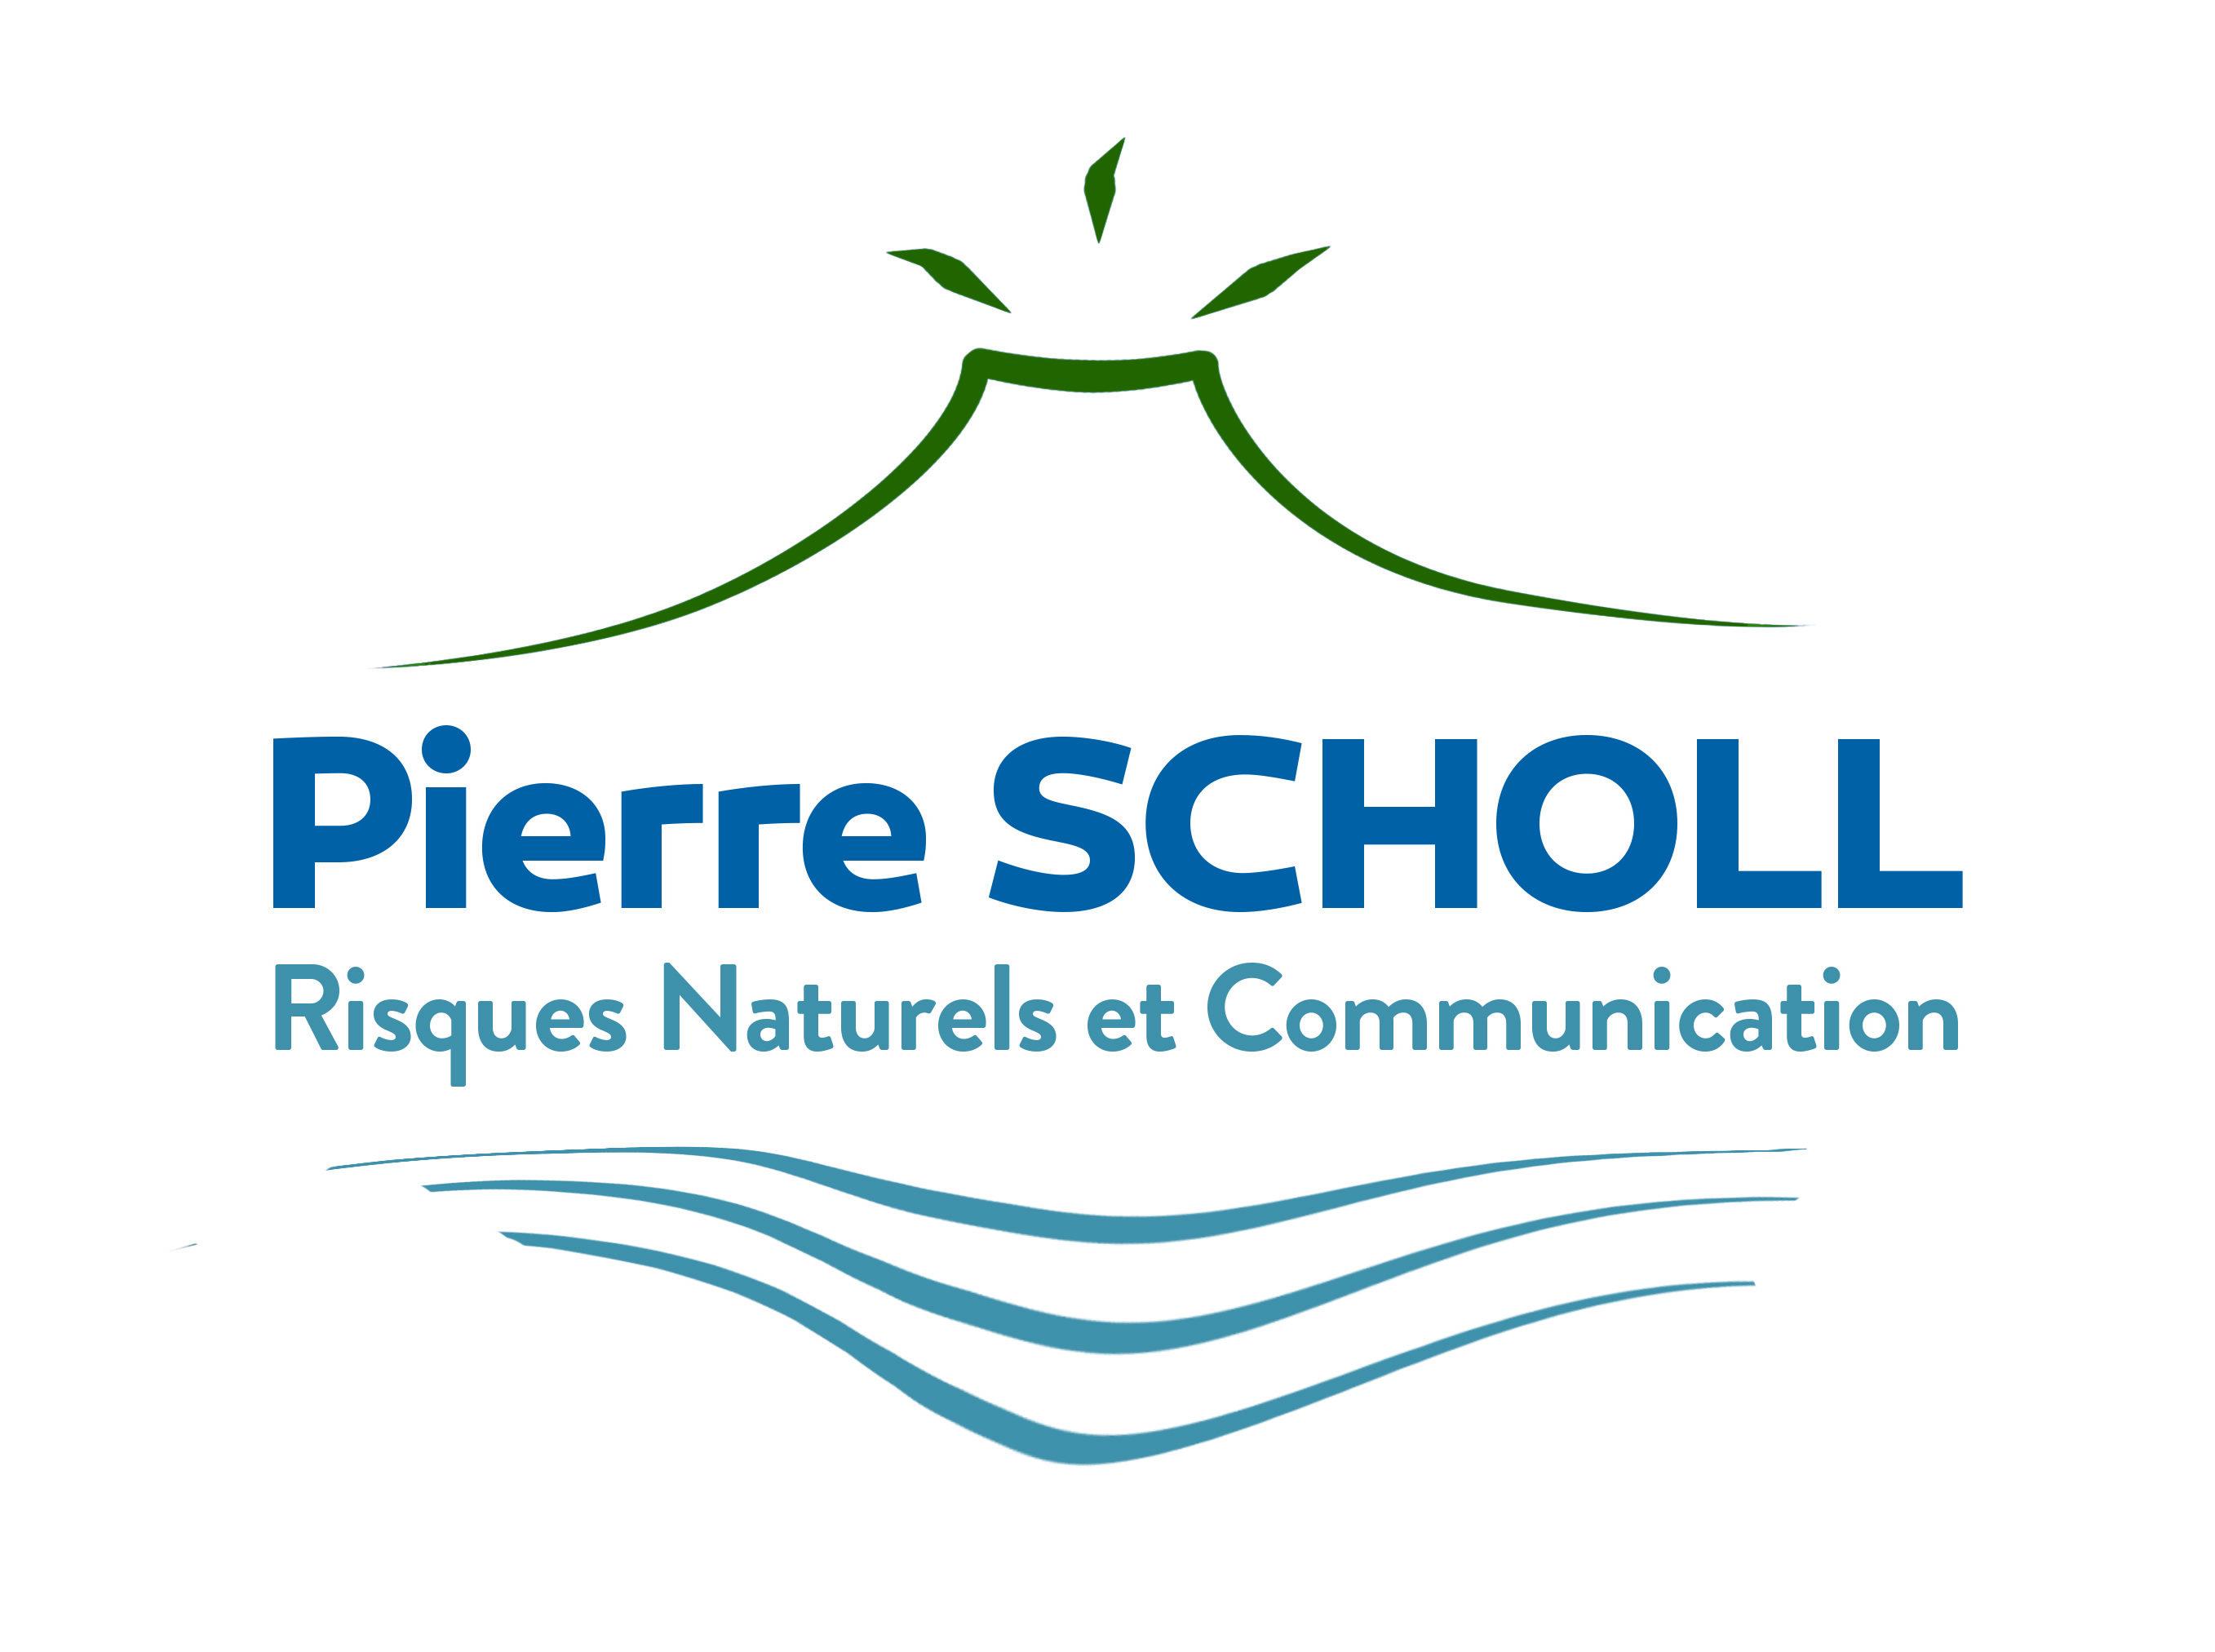 Pierre Scholl, Risques Naturels et Communication